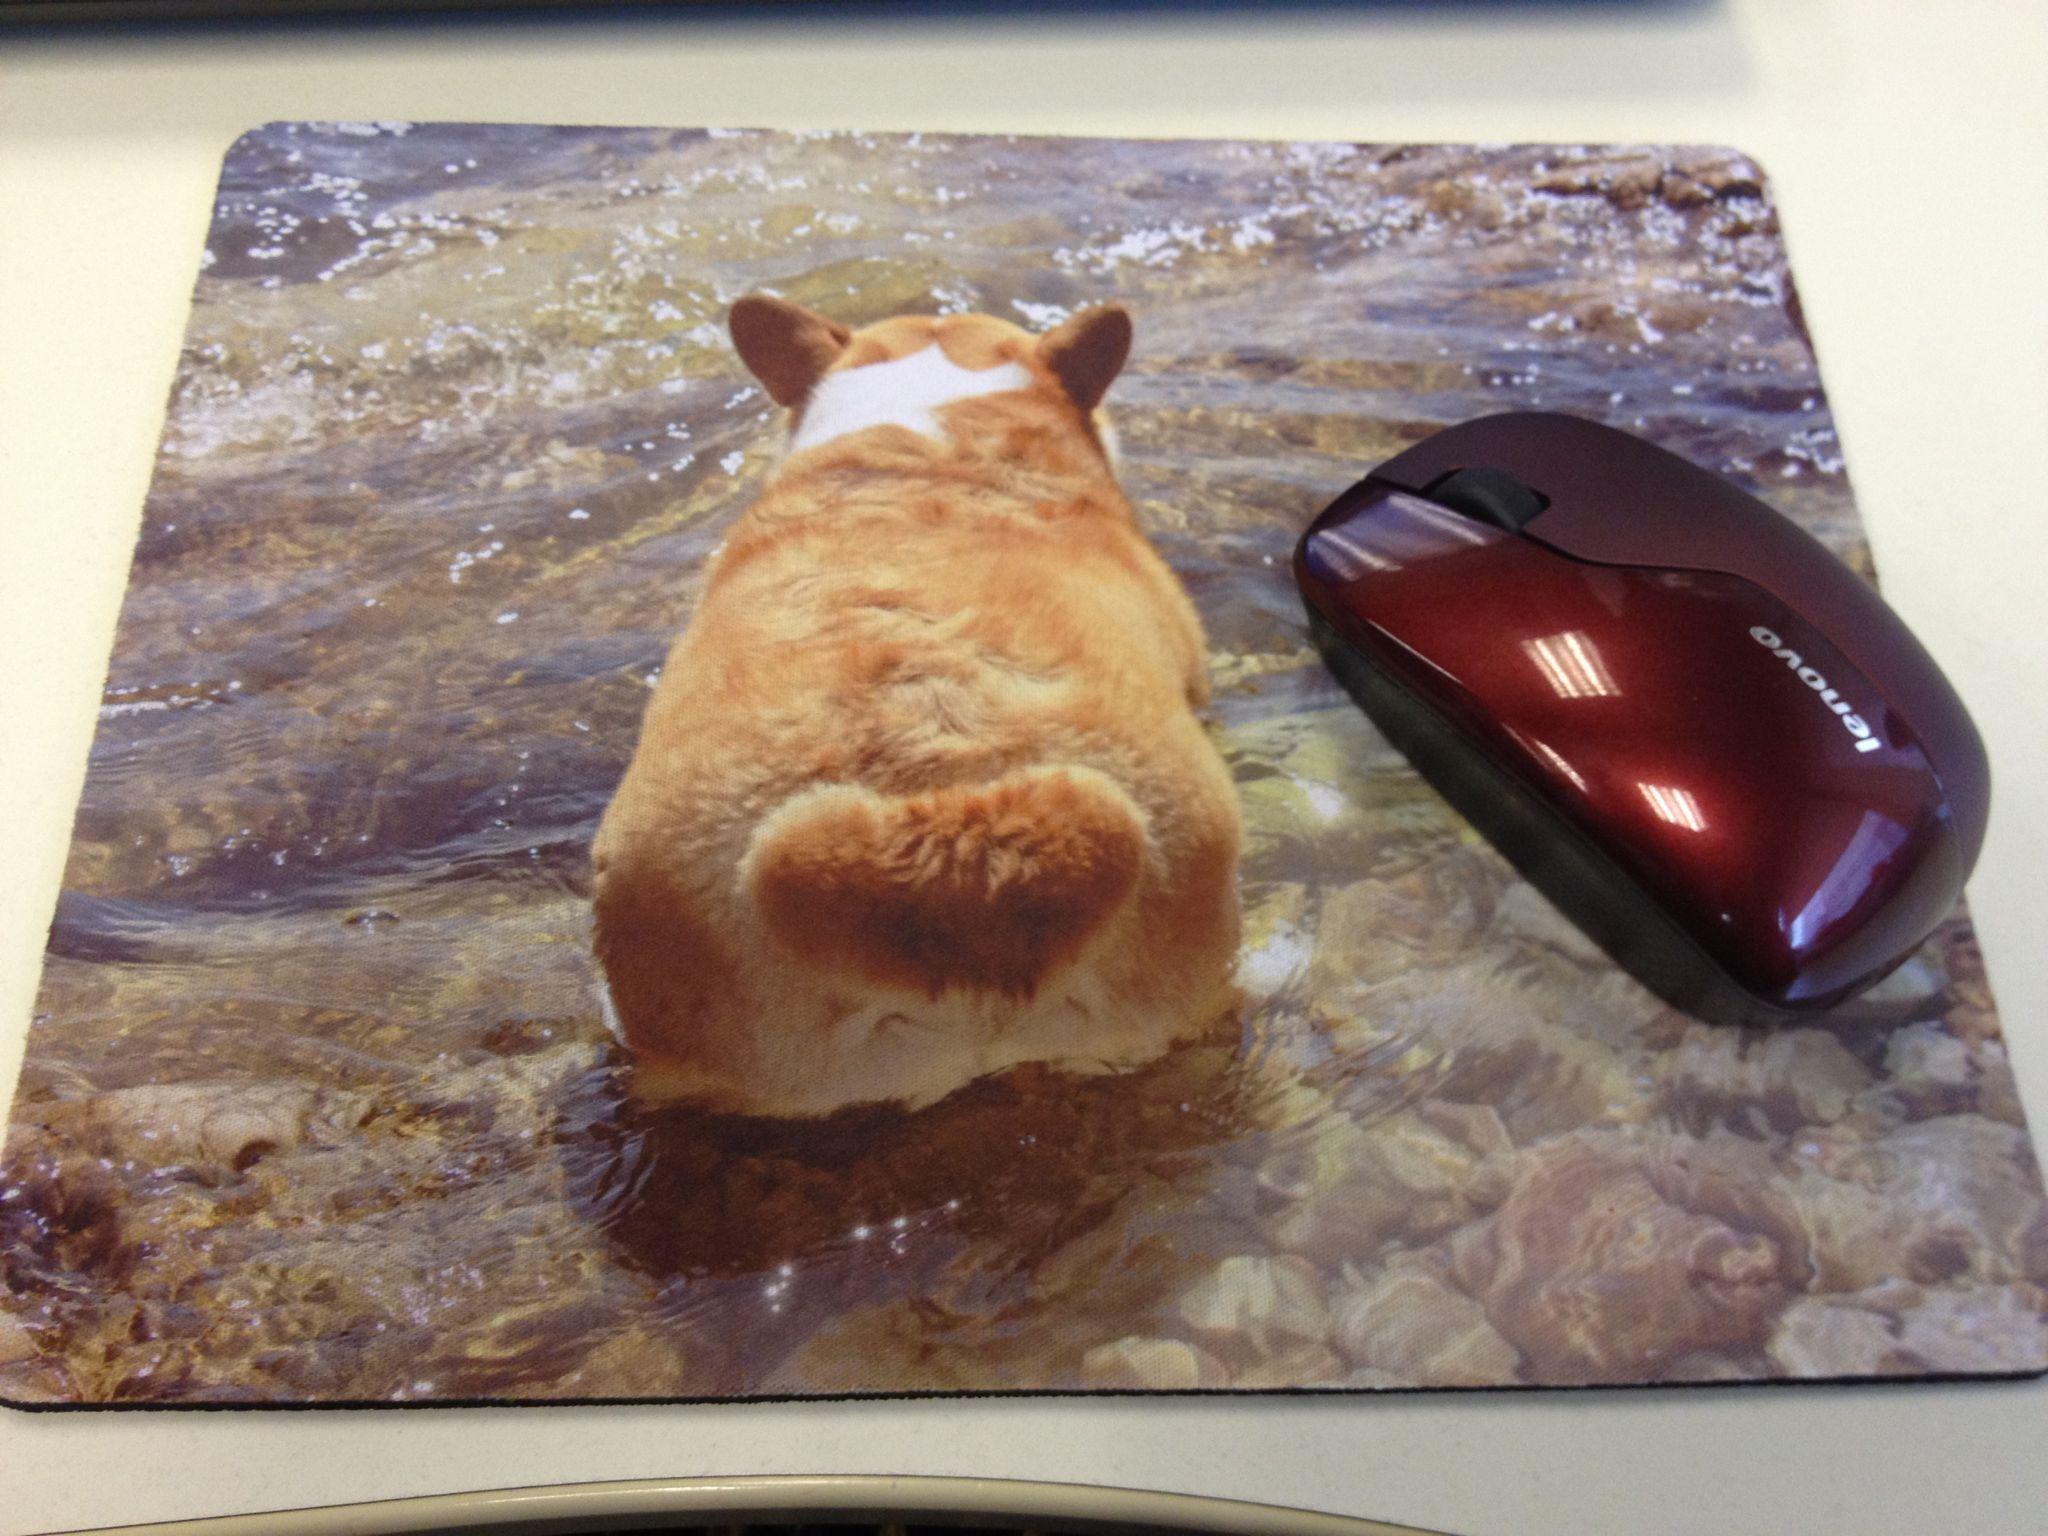 Аксесуары для животных DIY коврик Куги Томас Чан сахар море лес и Фарт (единой доставка 20 октября)